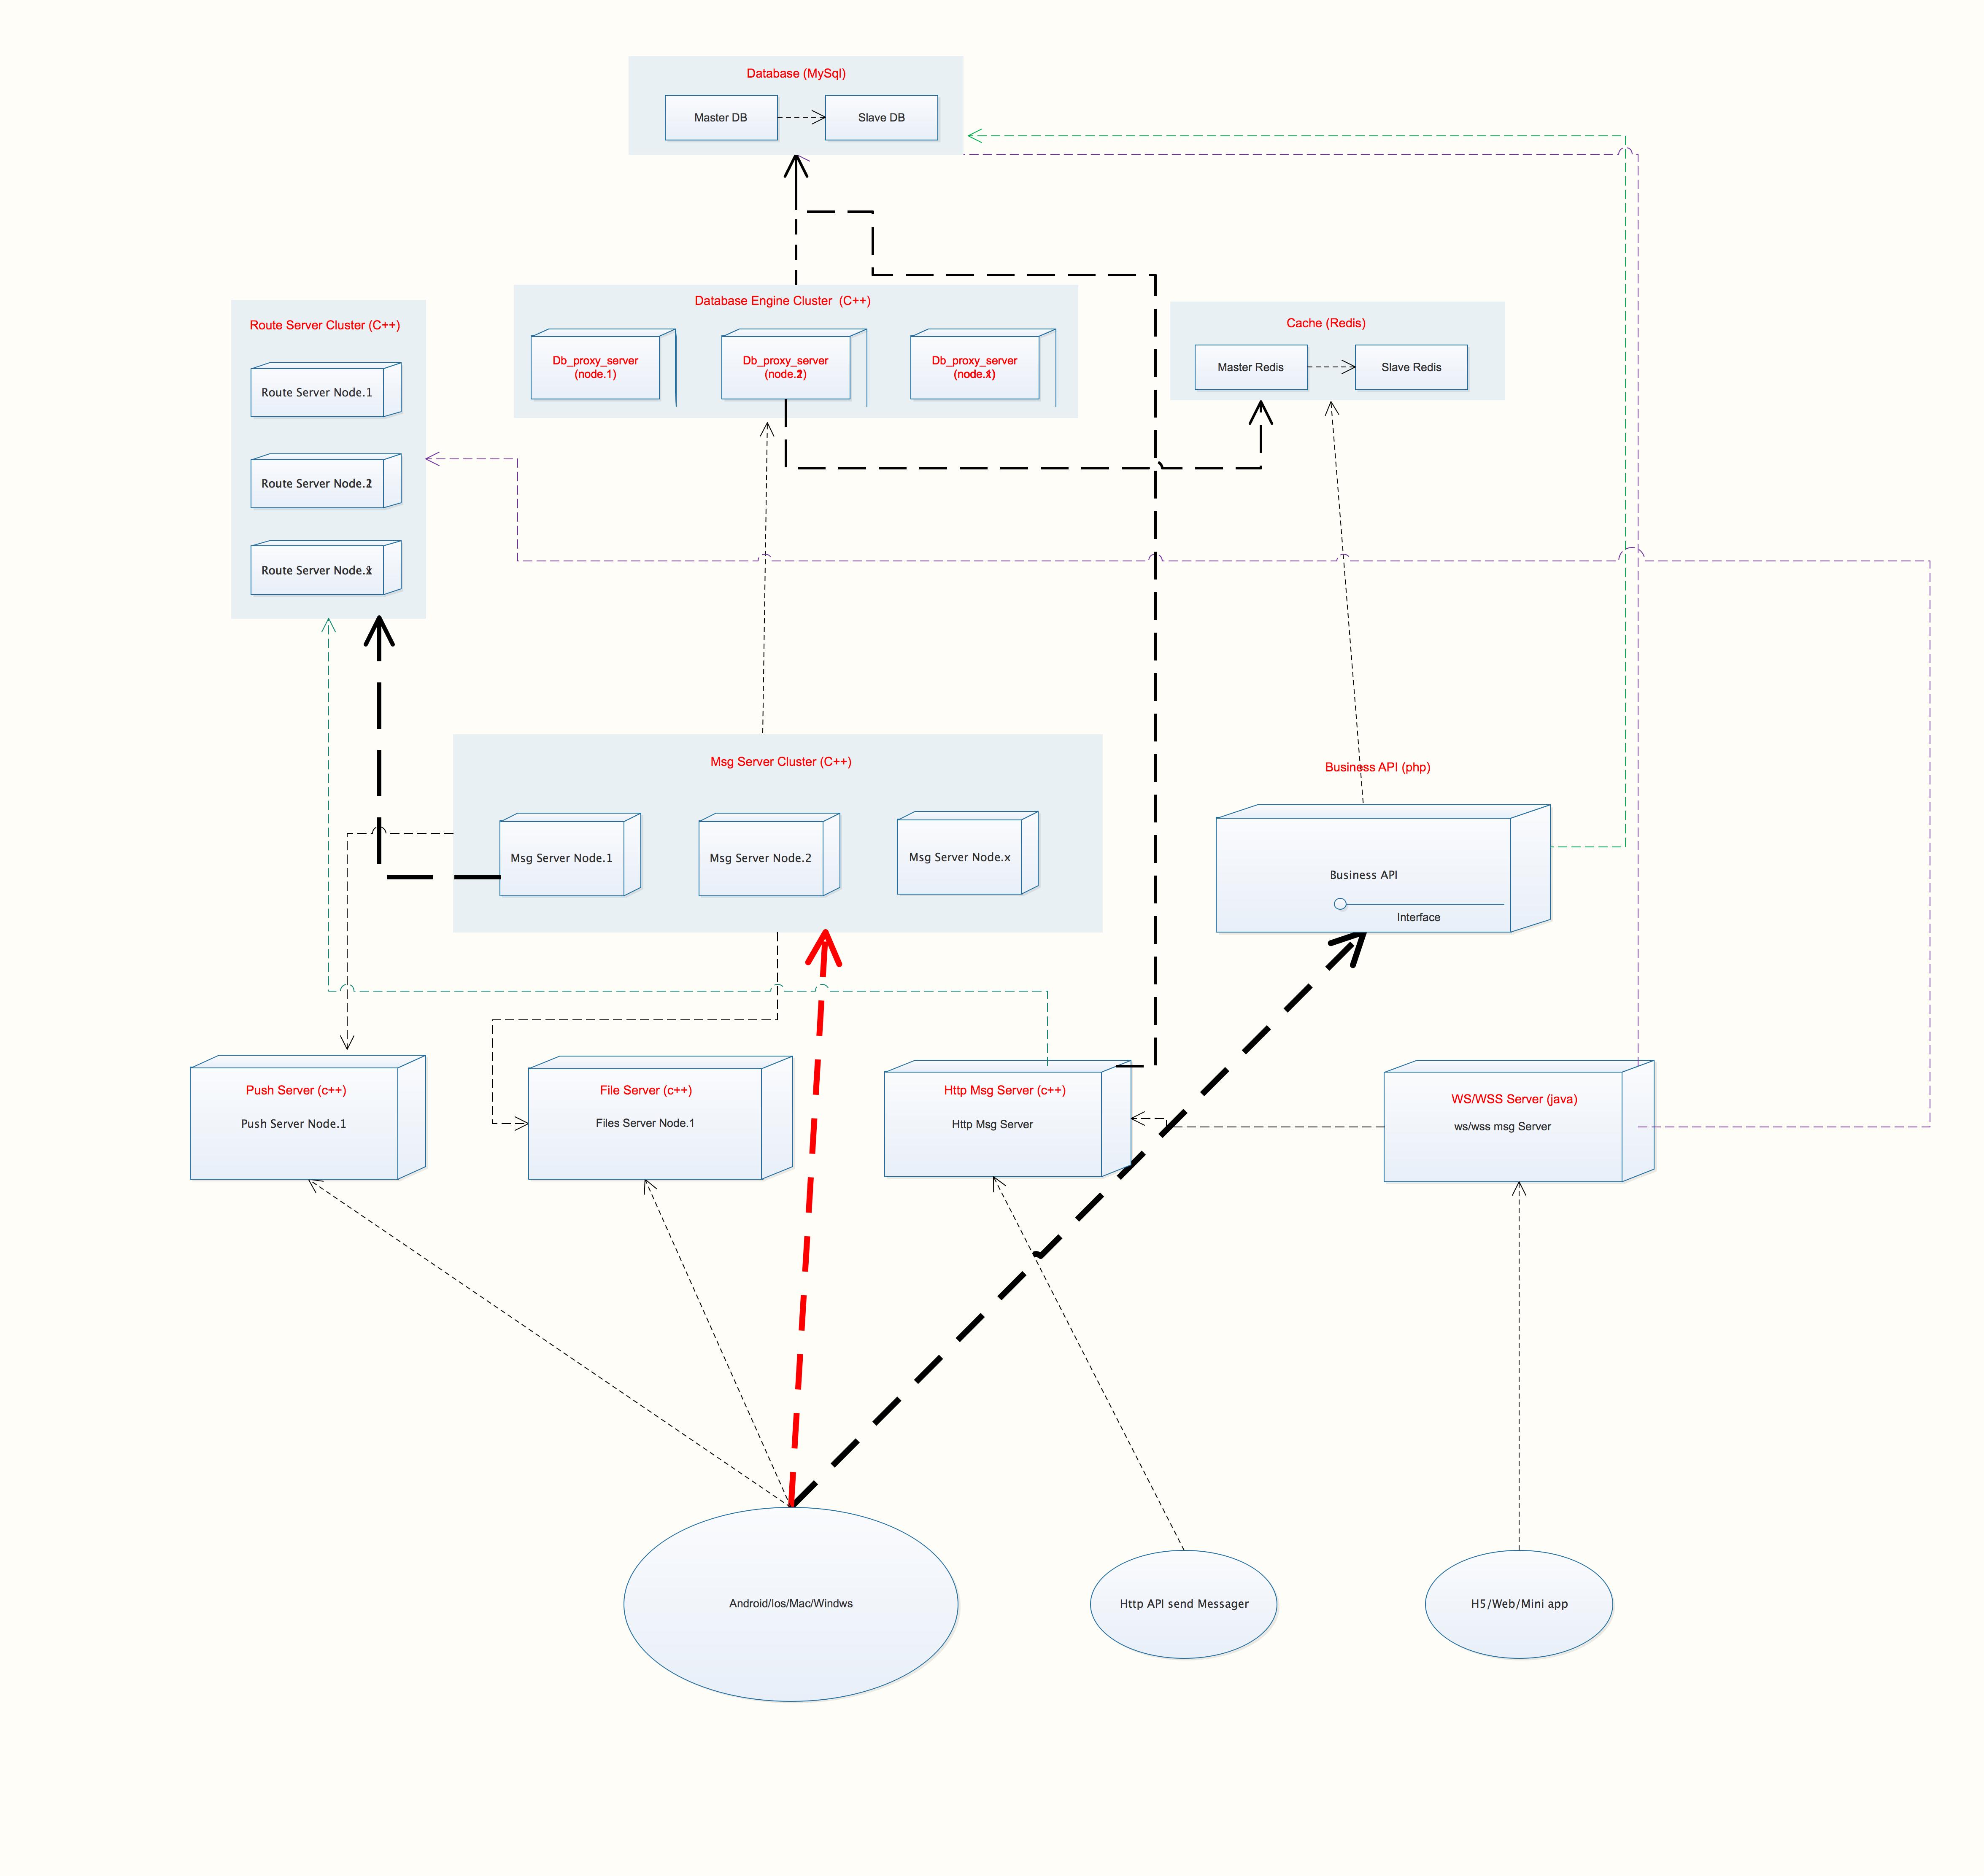 专注于企业云布署的即时通讯系统 CloudTalk